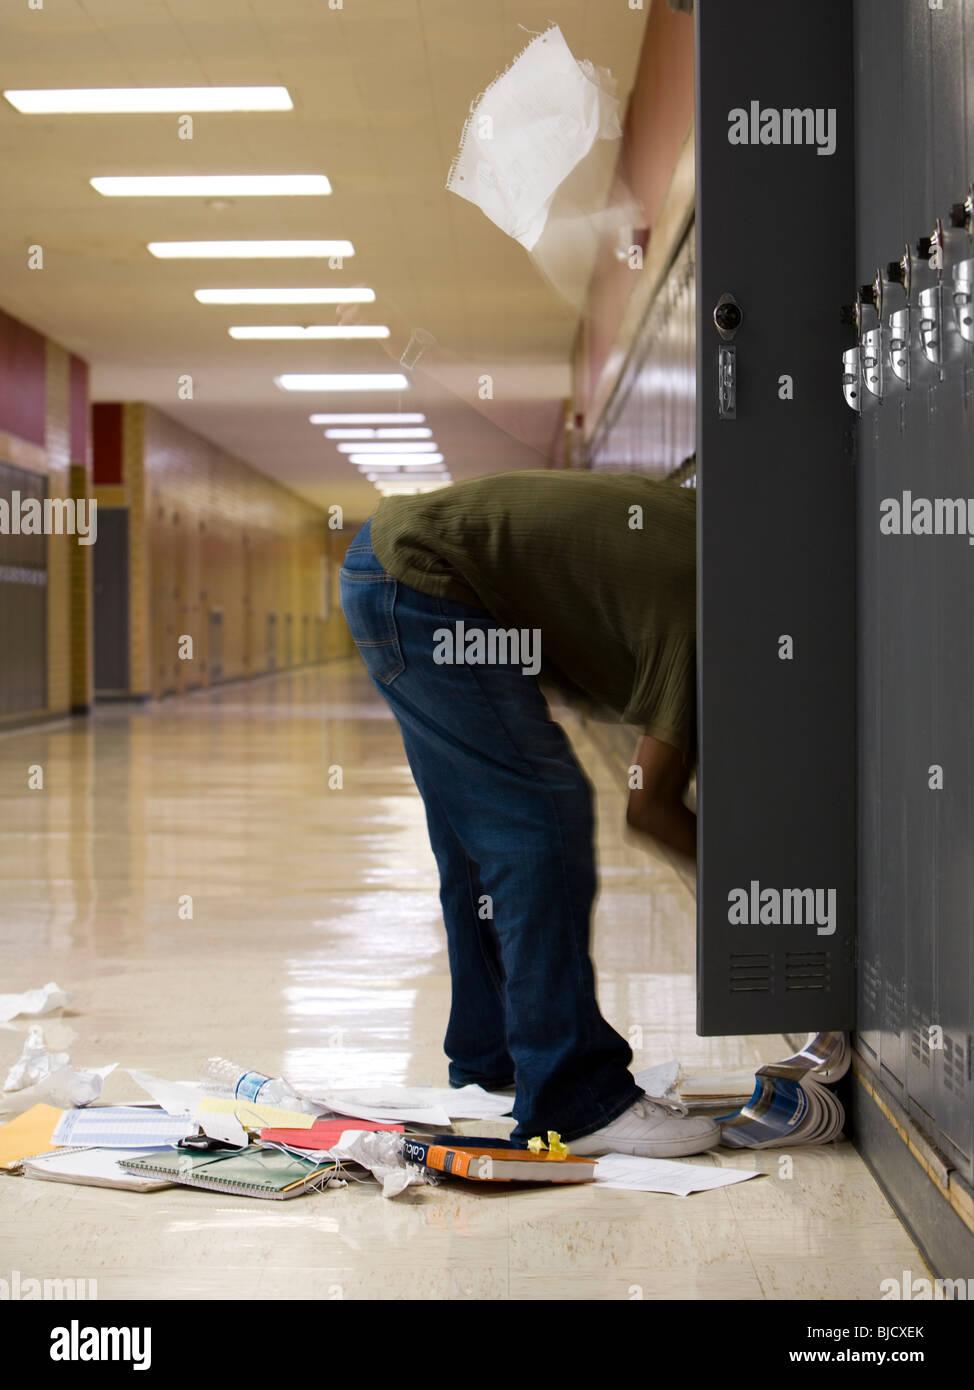 Estudiante de la High School secundaria de limpiar su casillero. Imagen De Stock